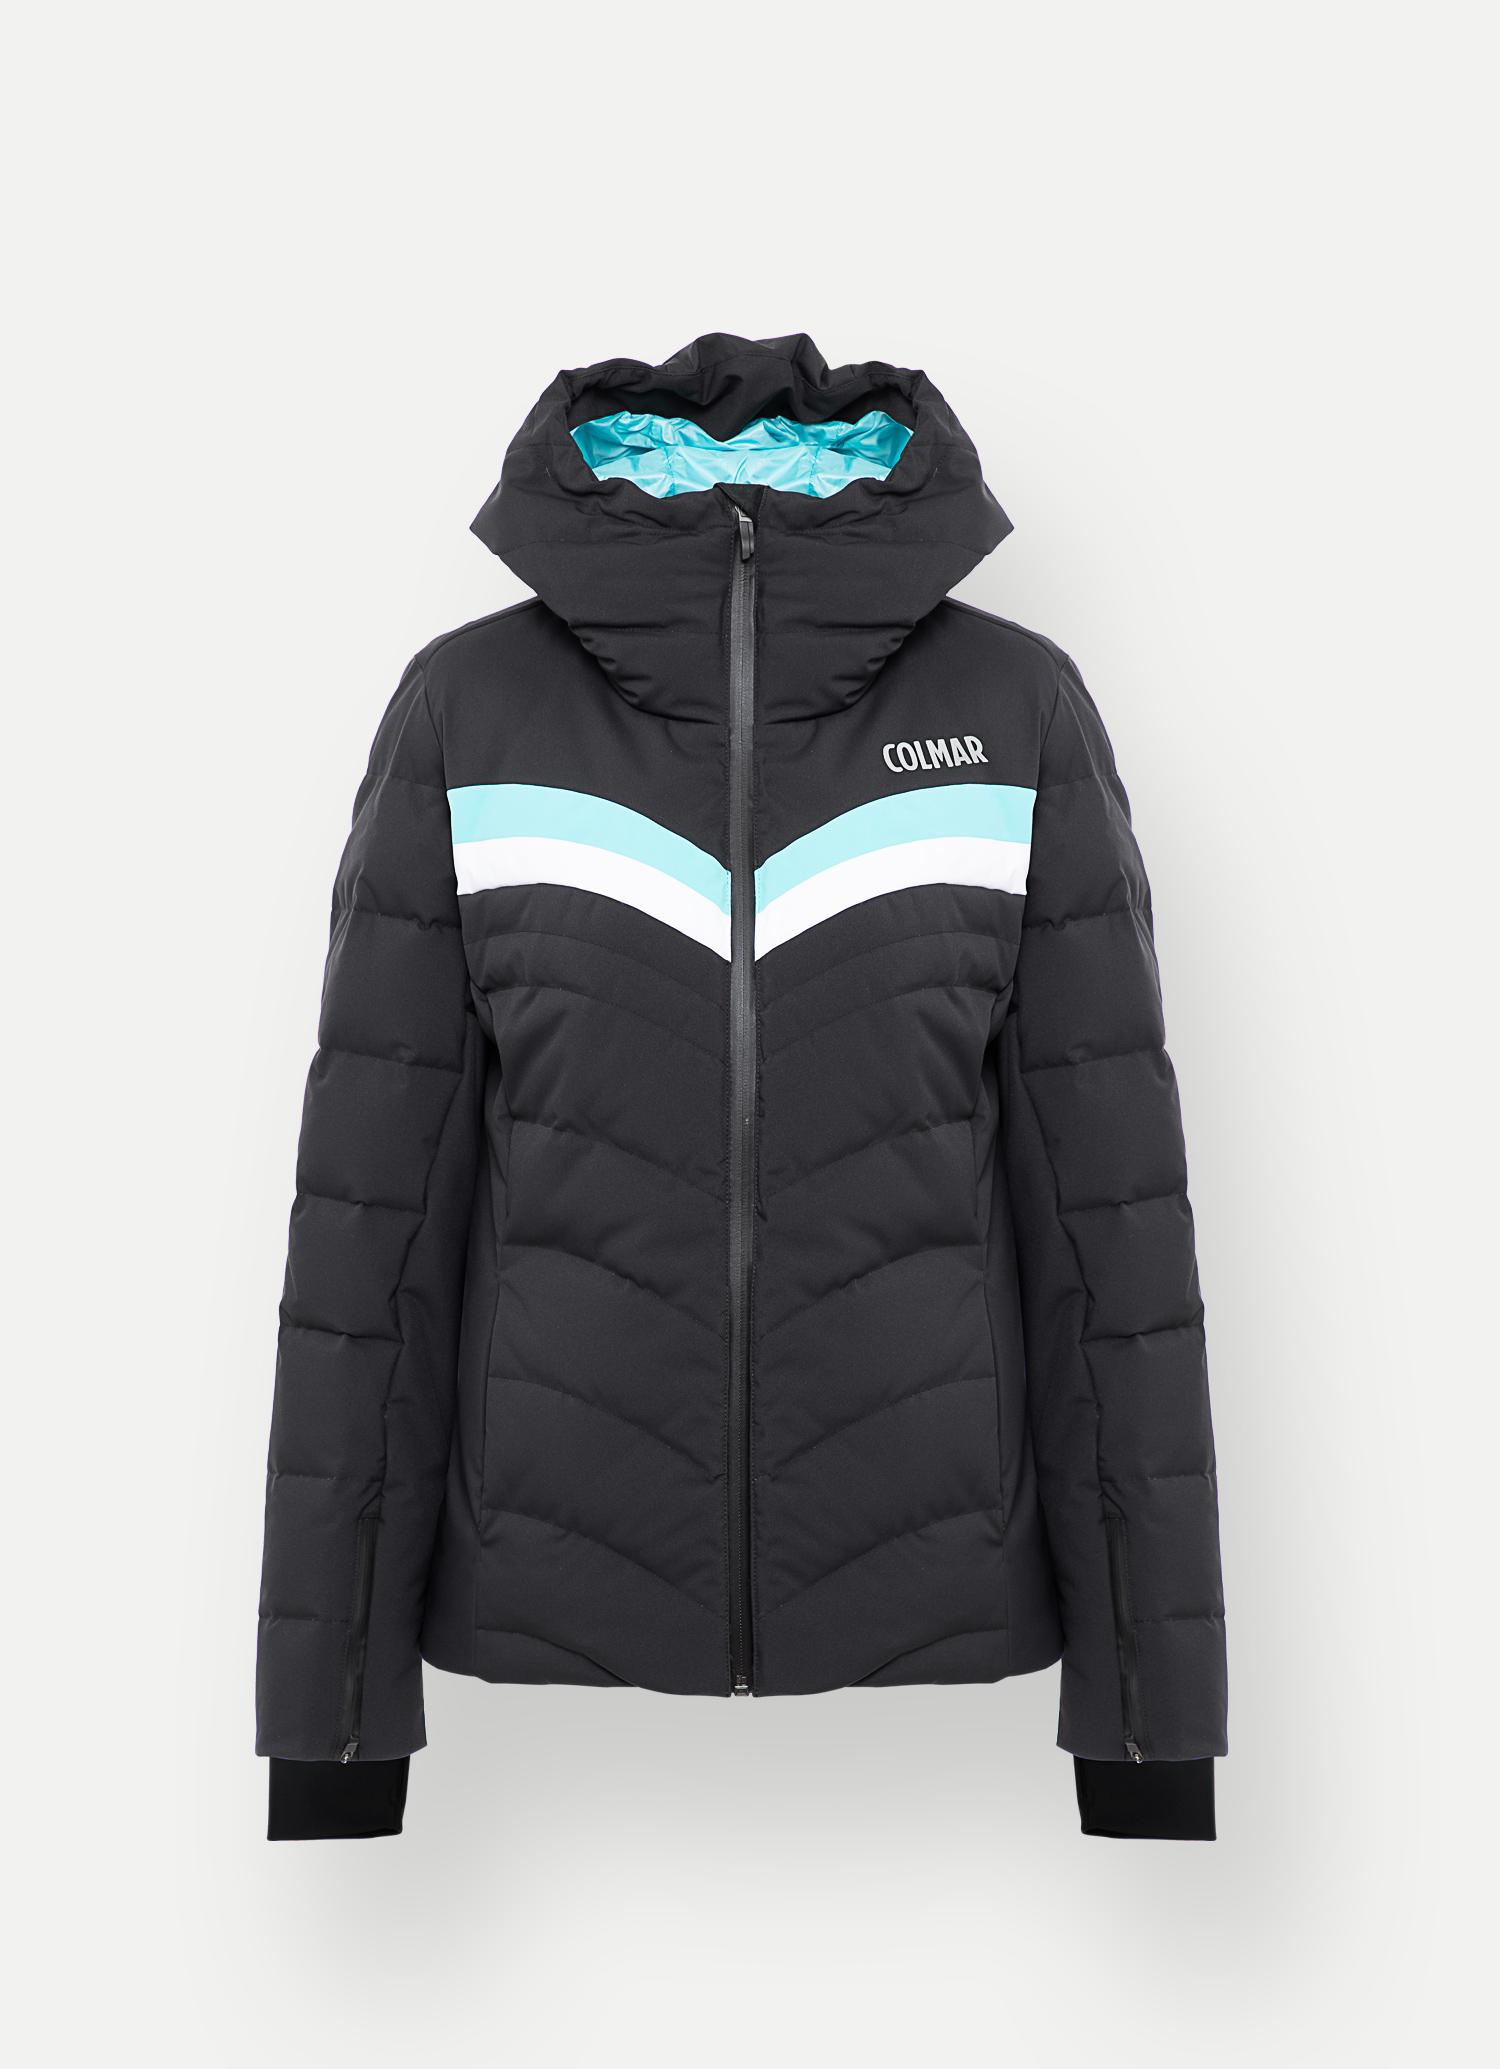 Colmar Courchevel Skijacke Damen white blue black kaufen